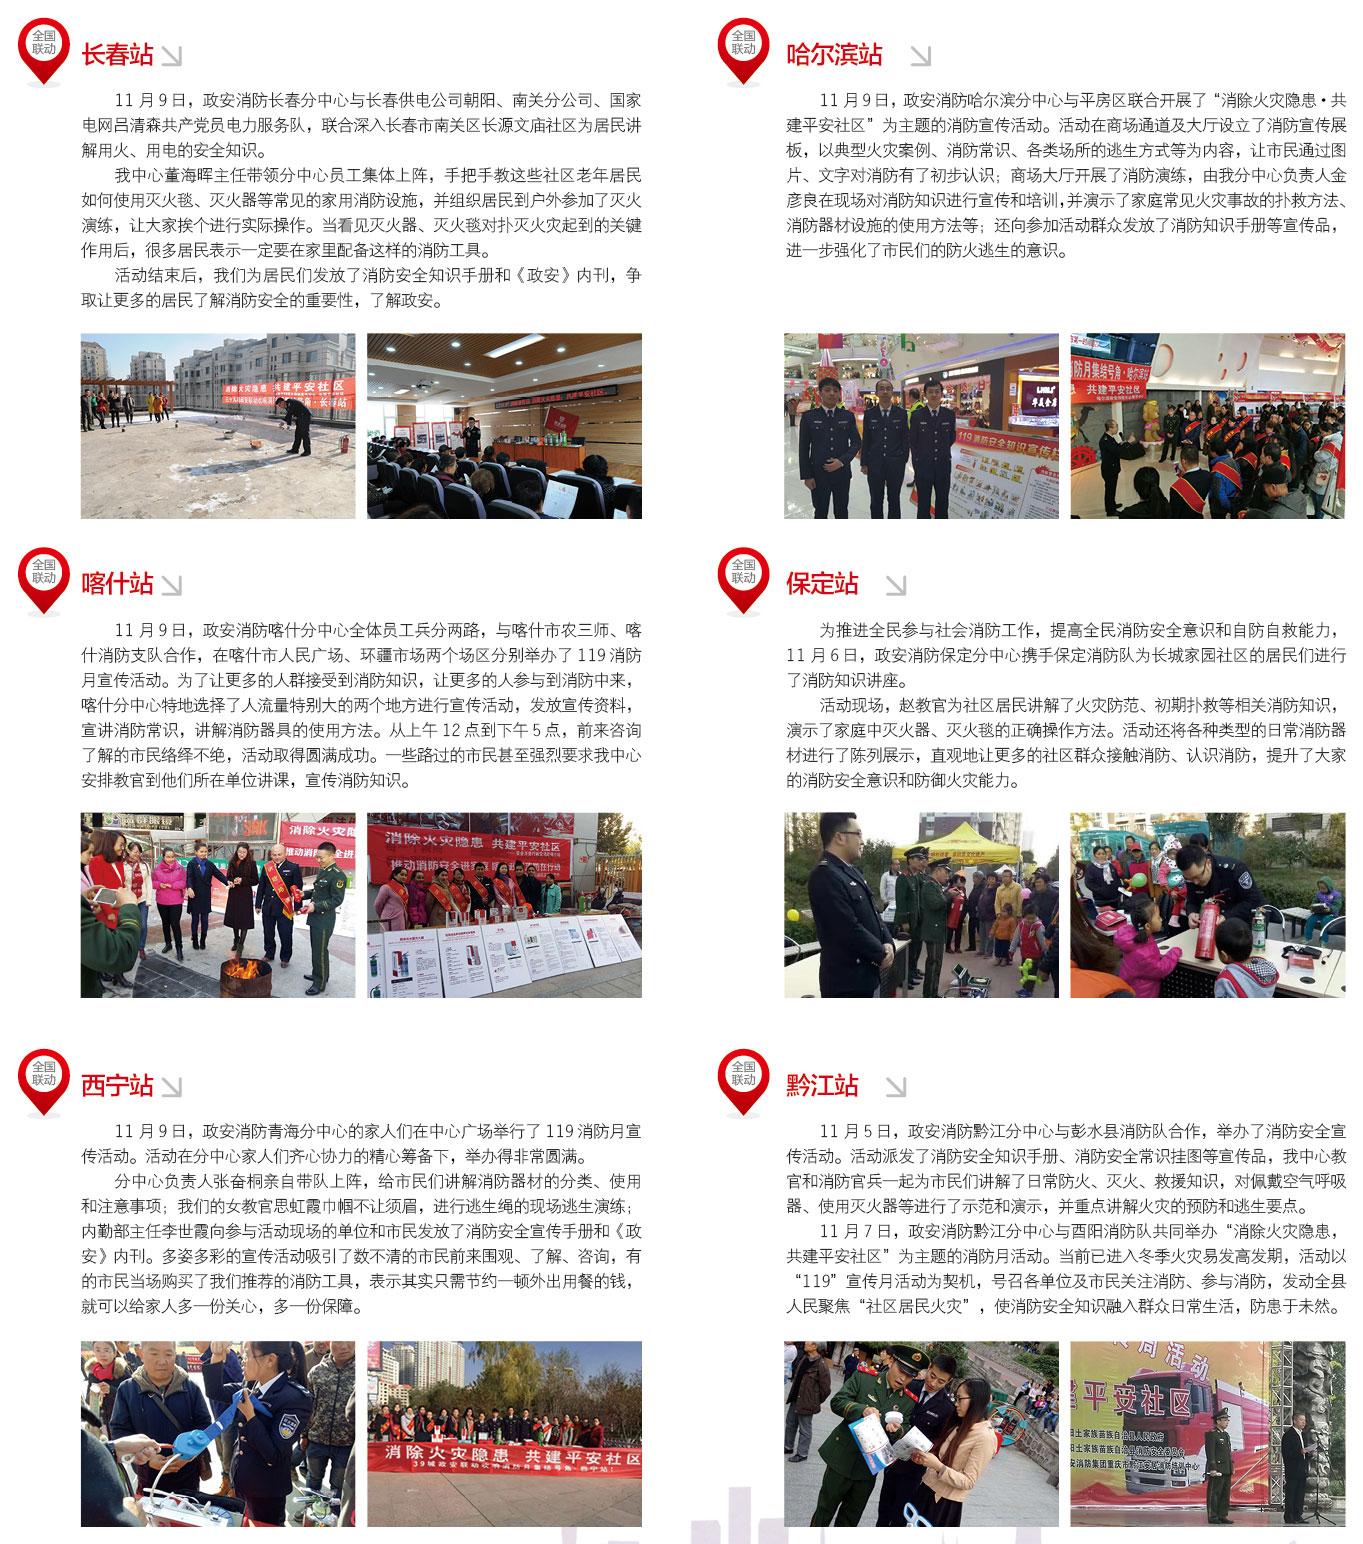 消除火灾隐患,共建平安社区 ——2016政安消防月活动纪实